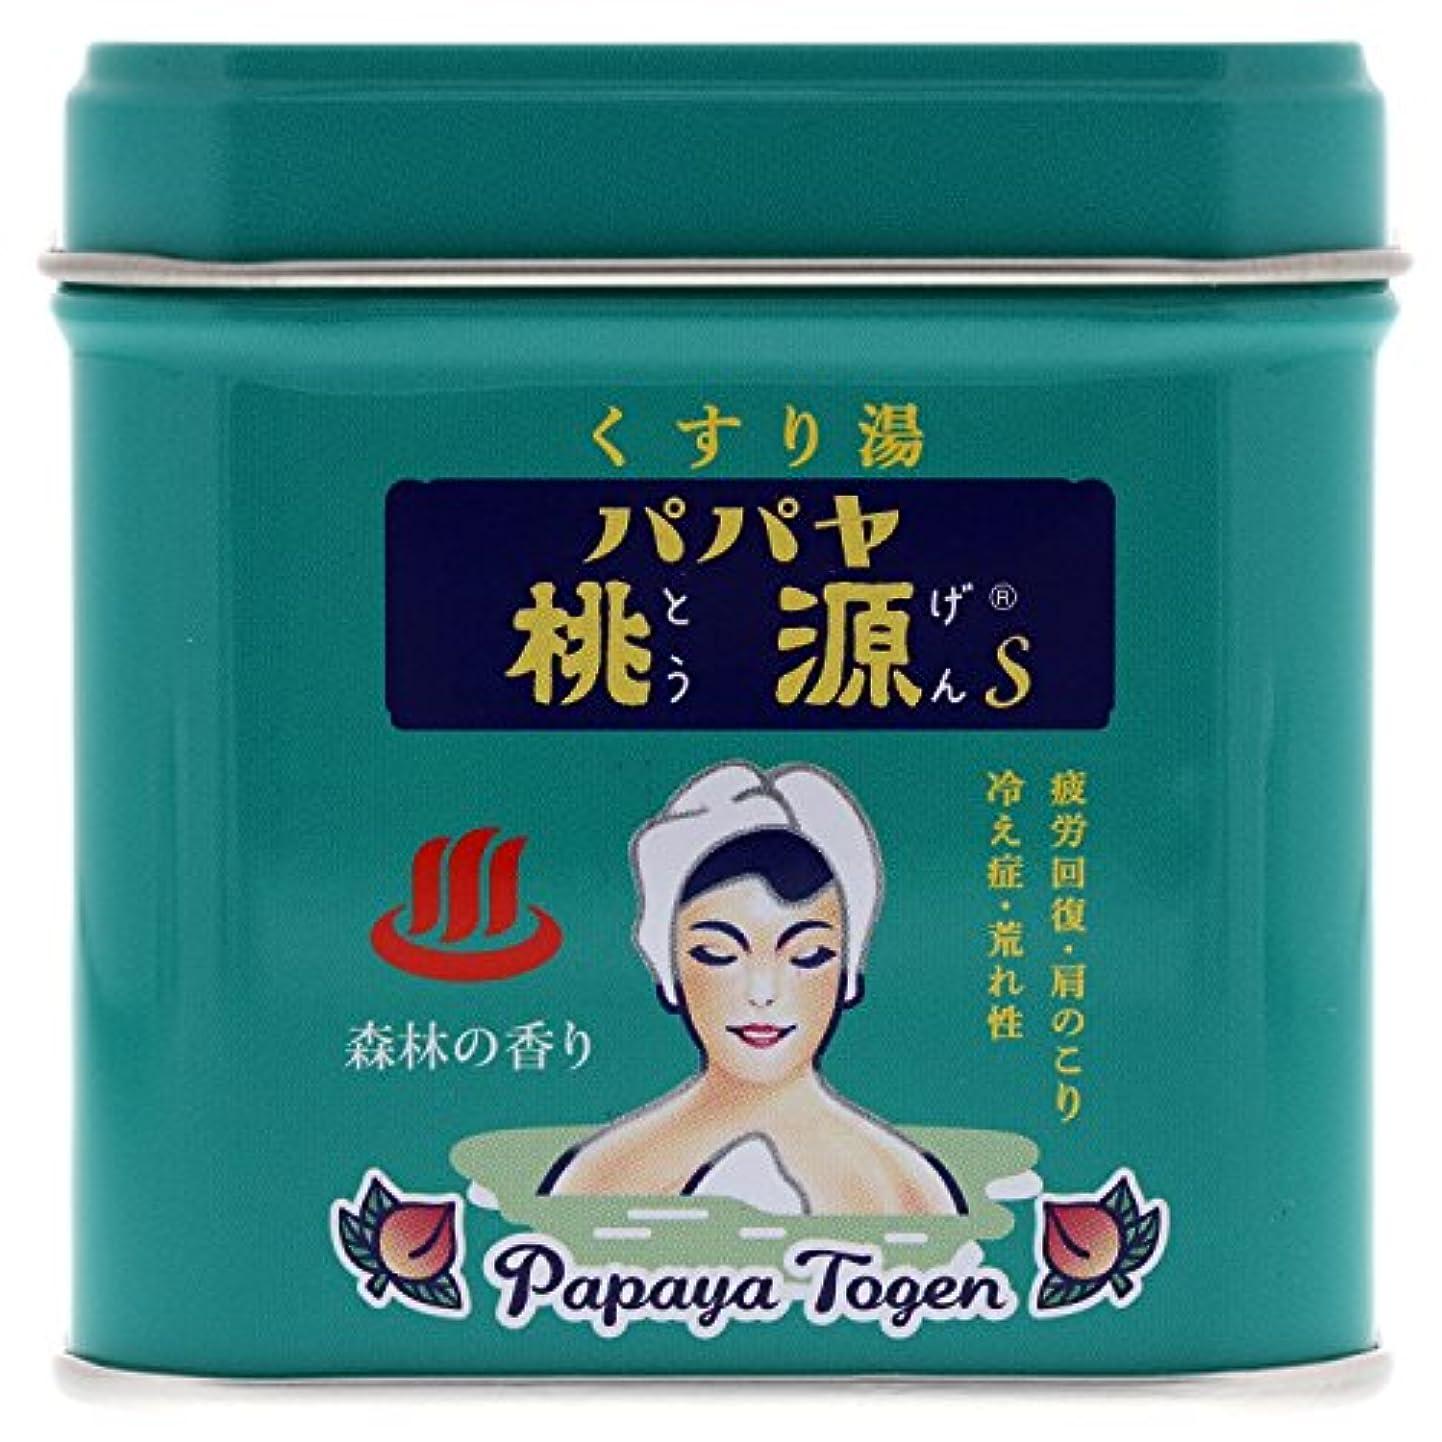 輝度論文散文パパヤ桃源S 70g缶 森林の香り [医薬部外品]